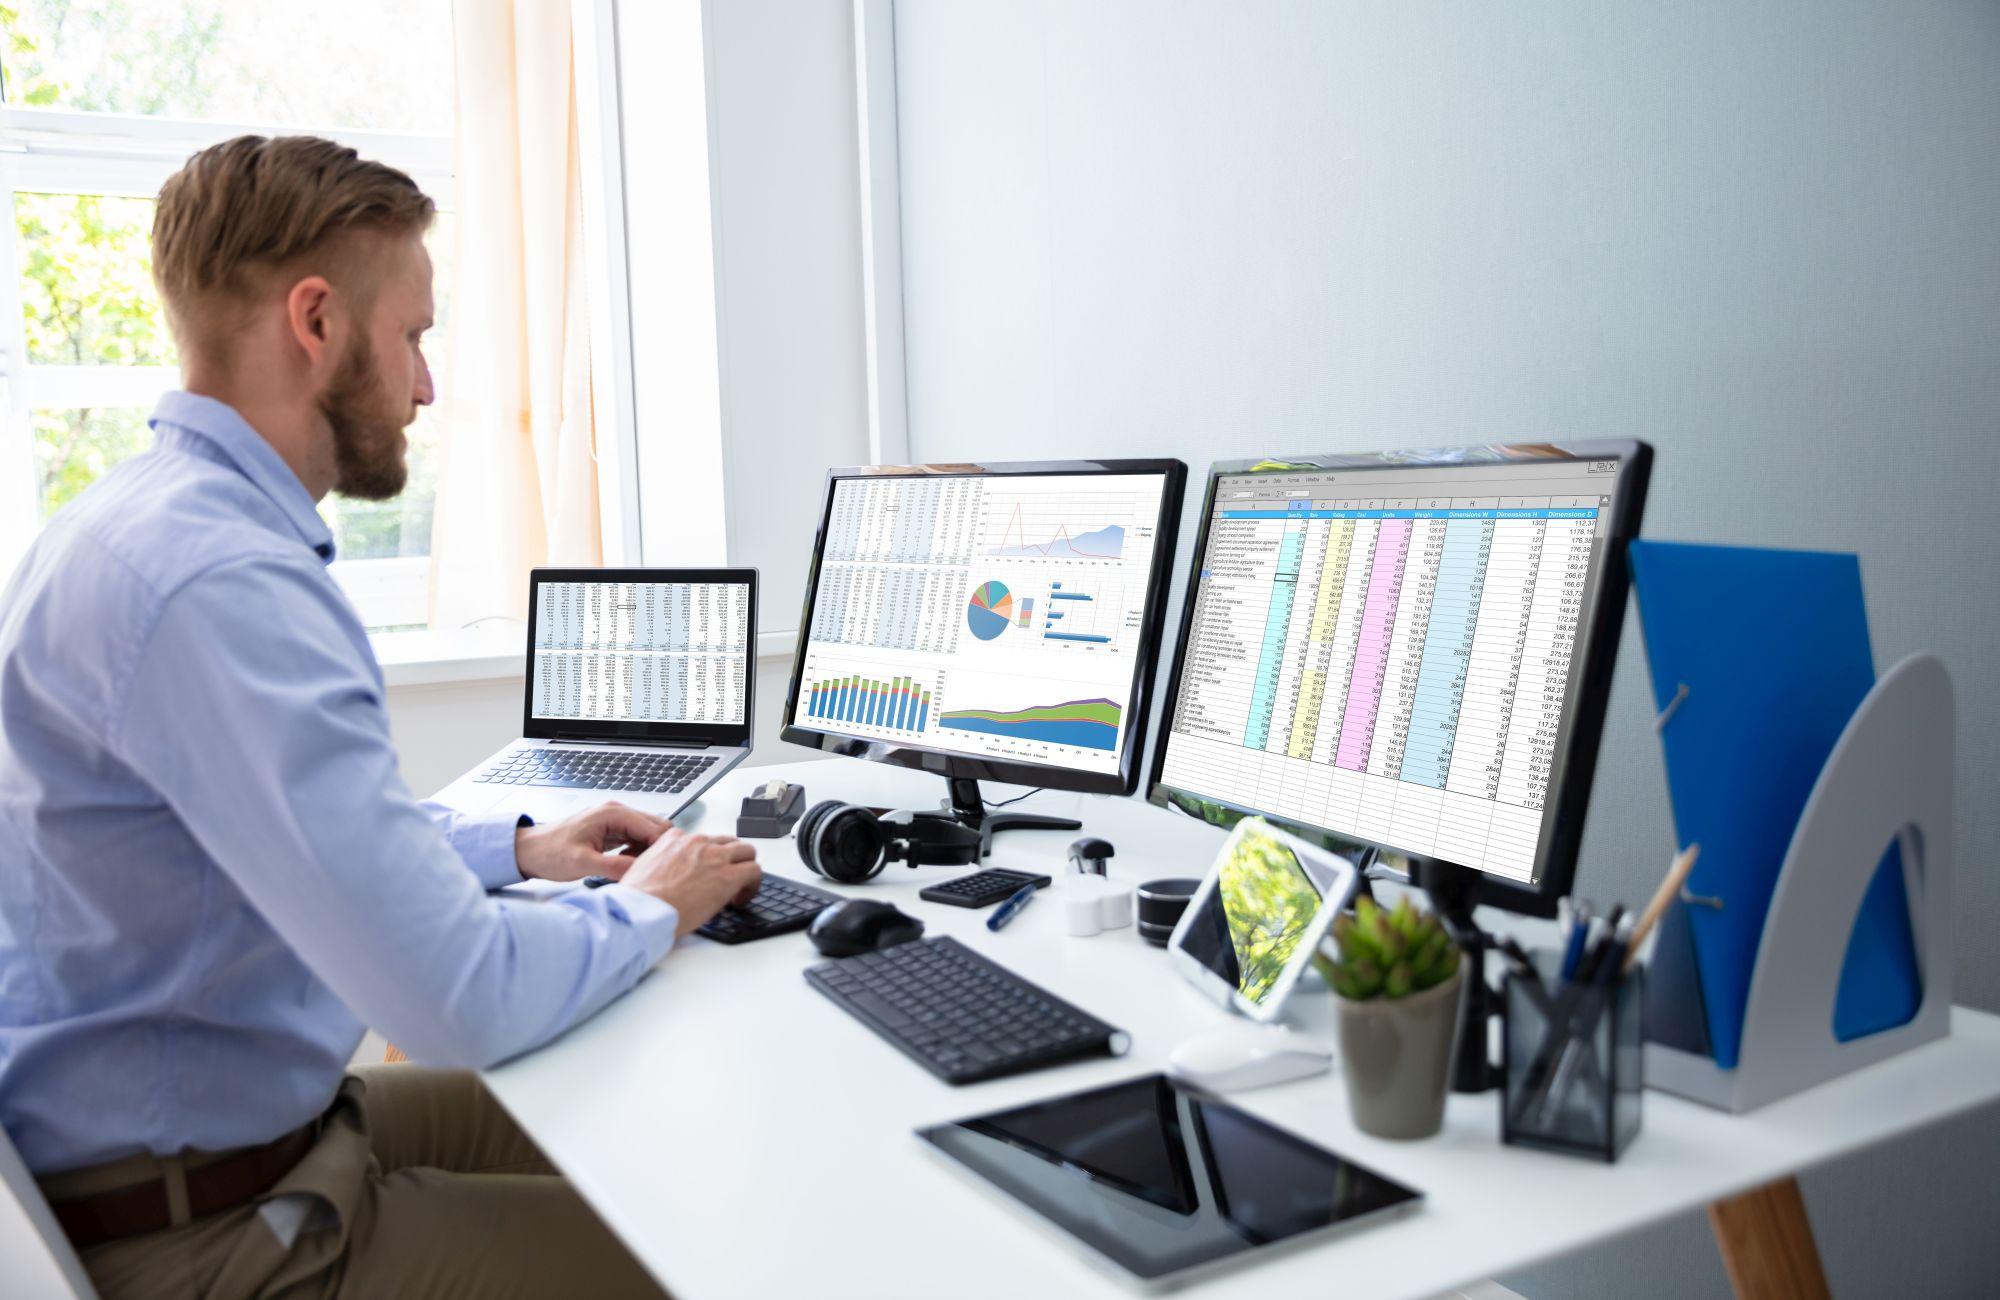 Werk efficiënt met data